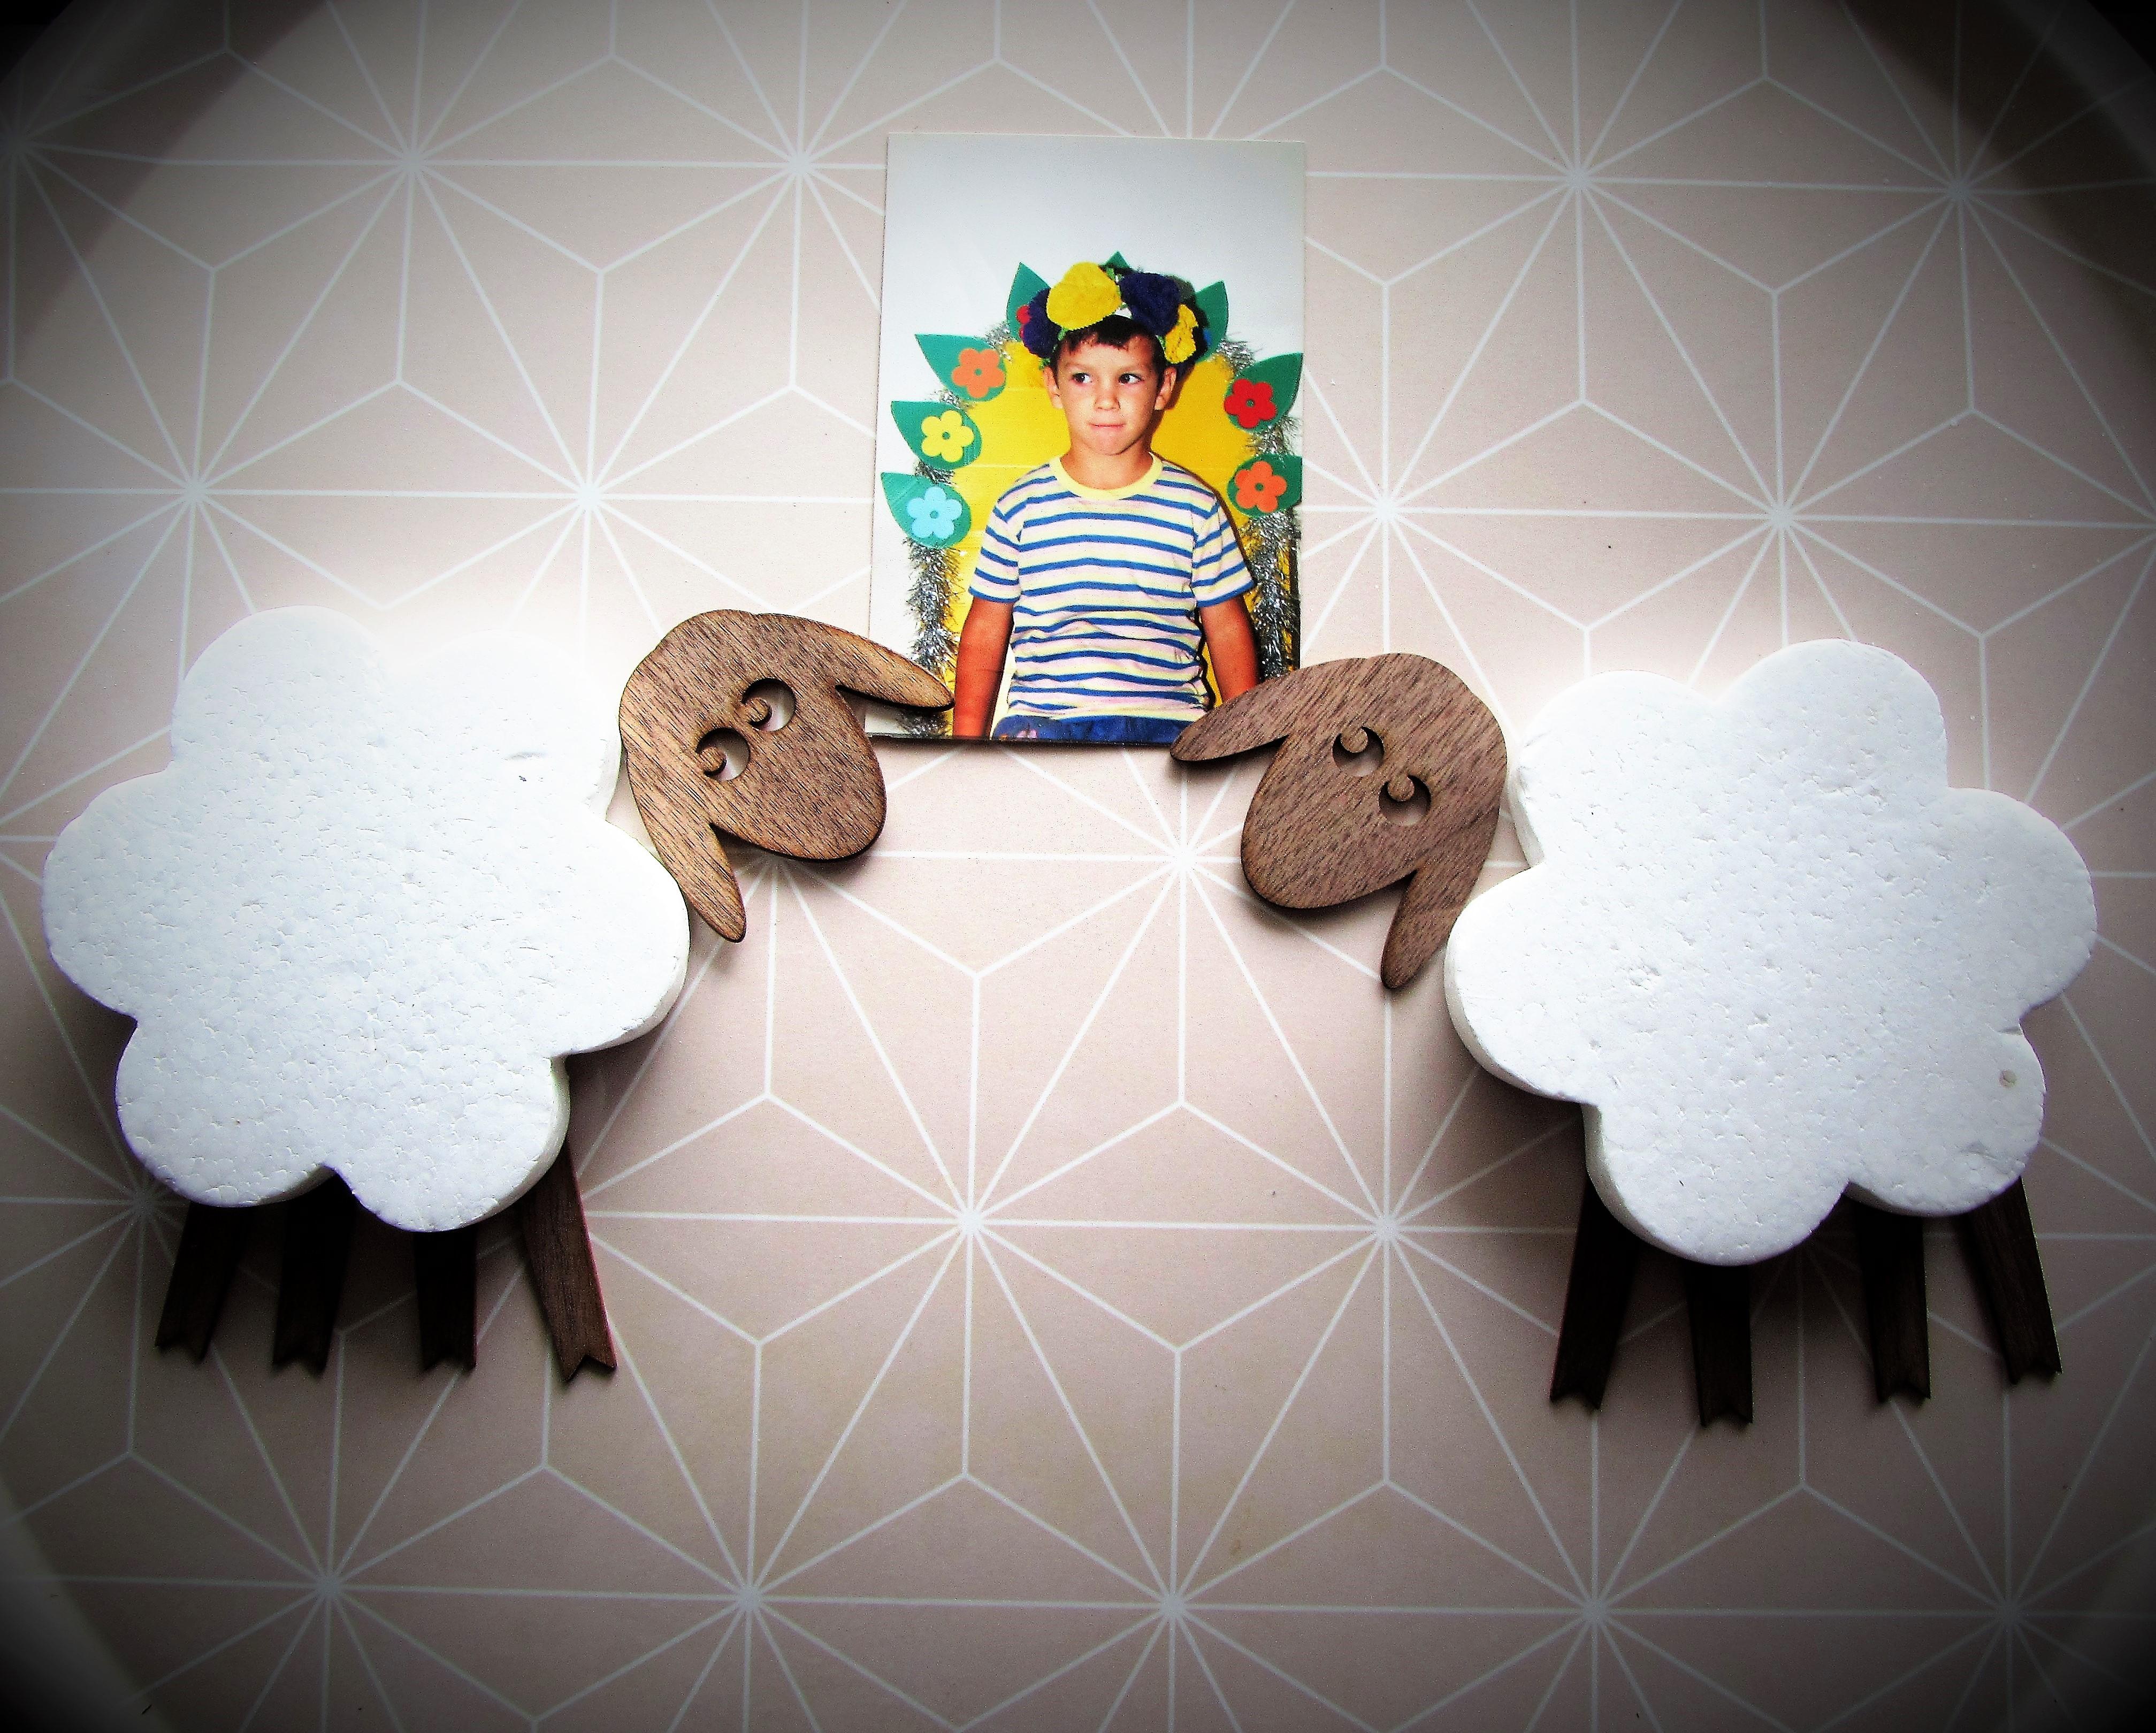 טלה - מחזיקה תמונות לקיר